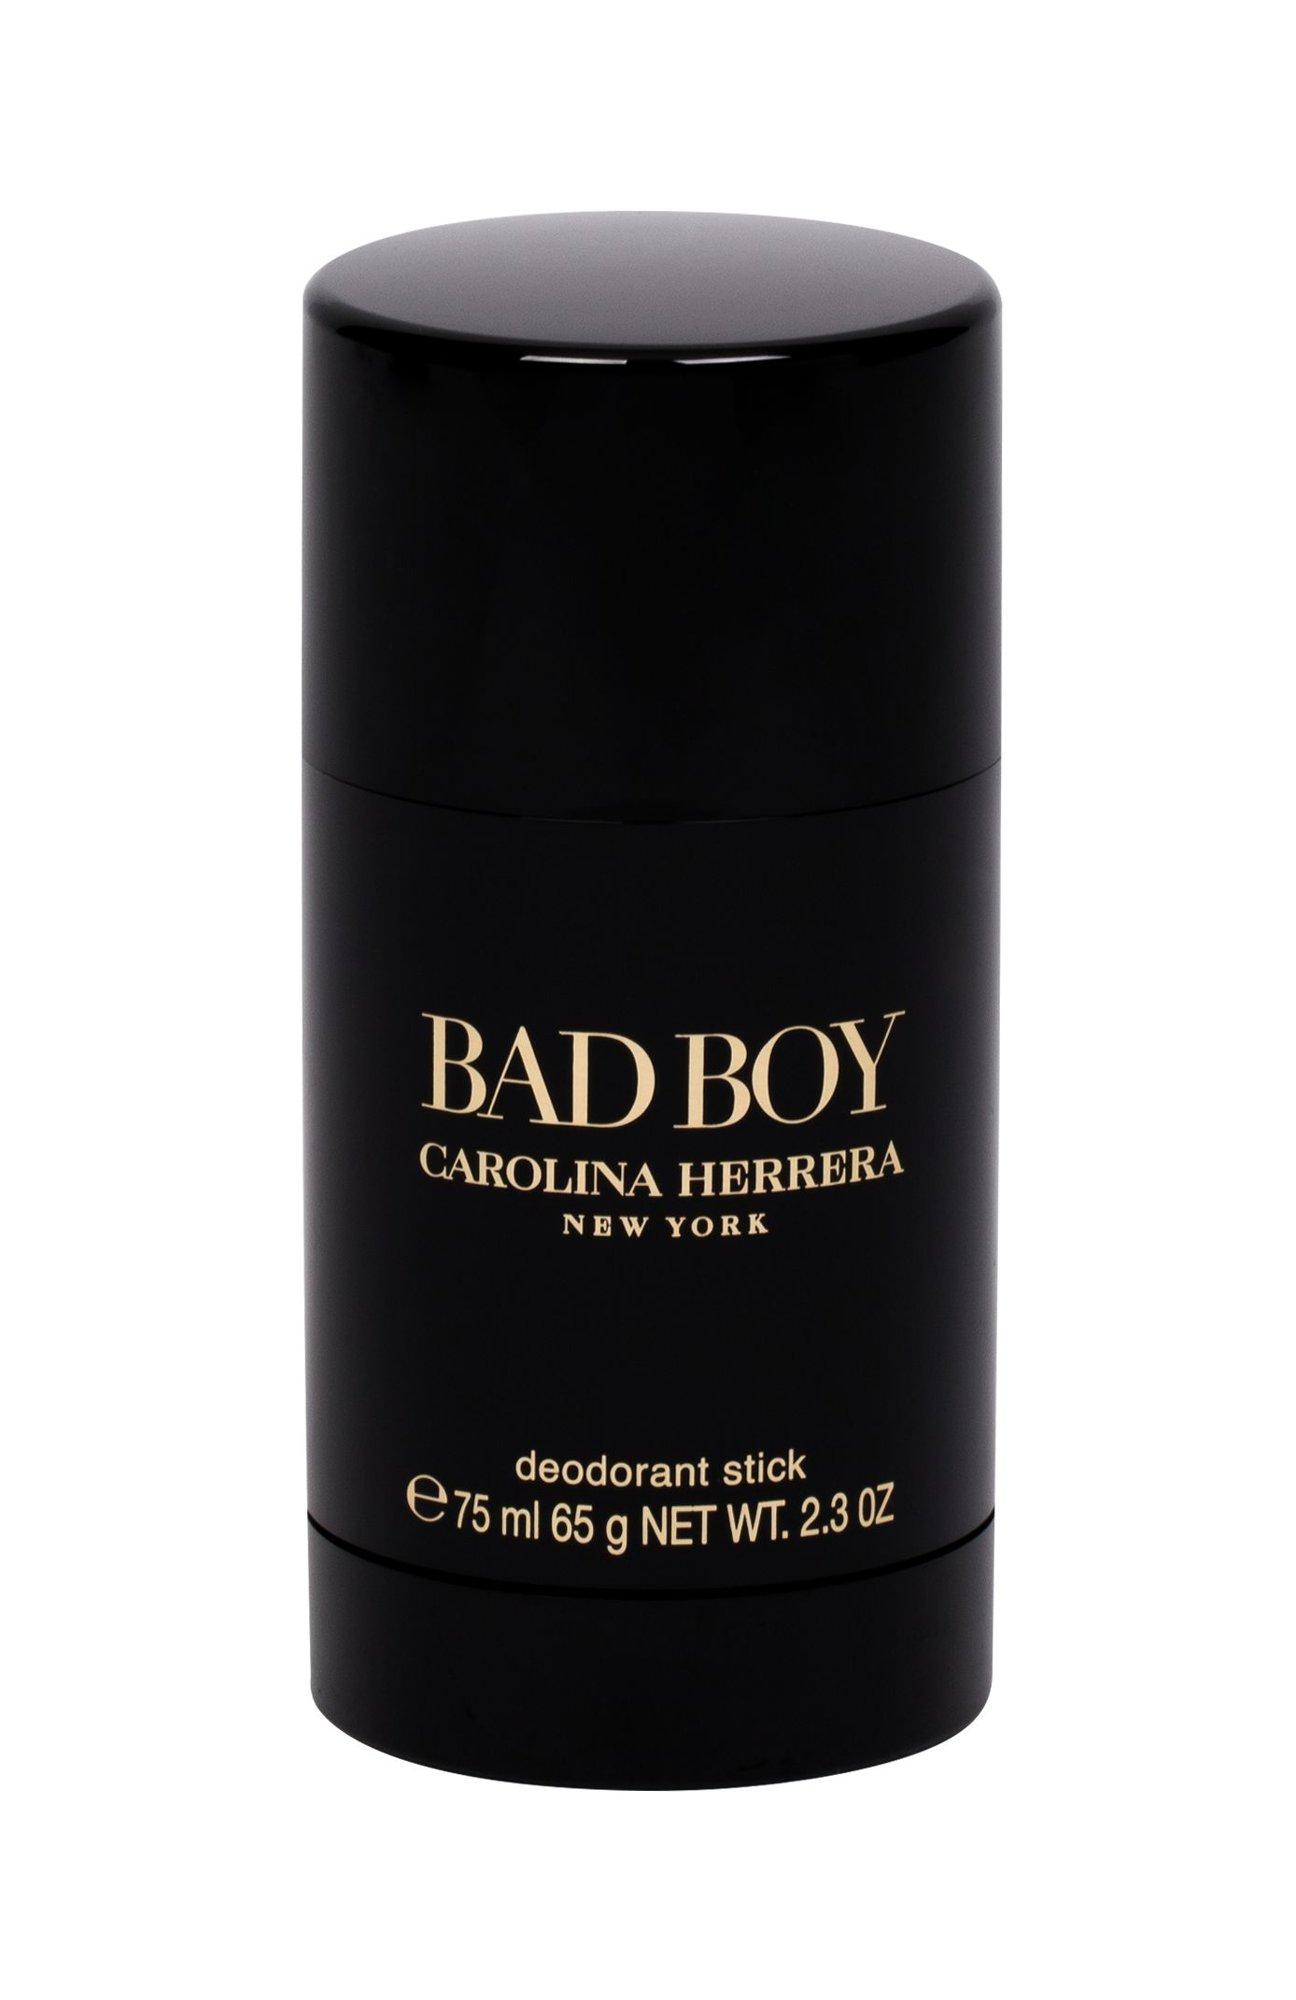 Carolina Herrera Bad Boy Deodorant 75ml